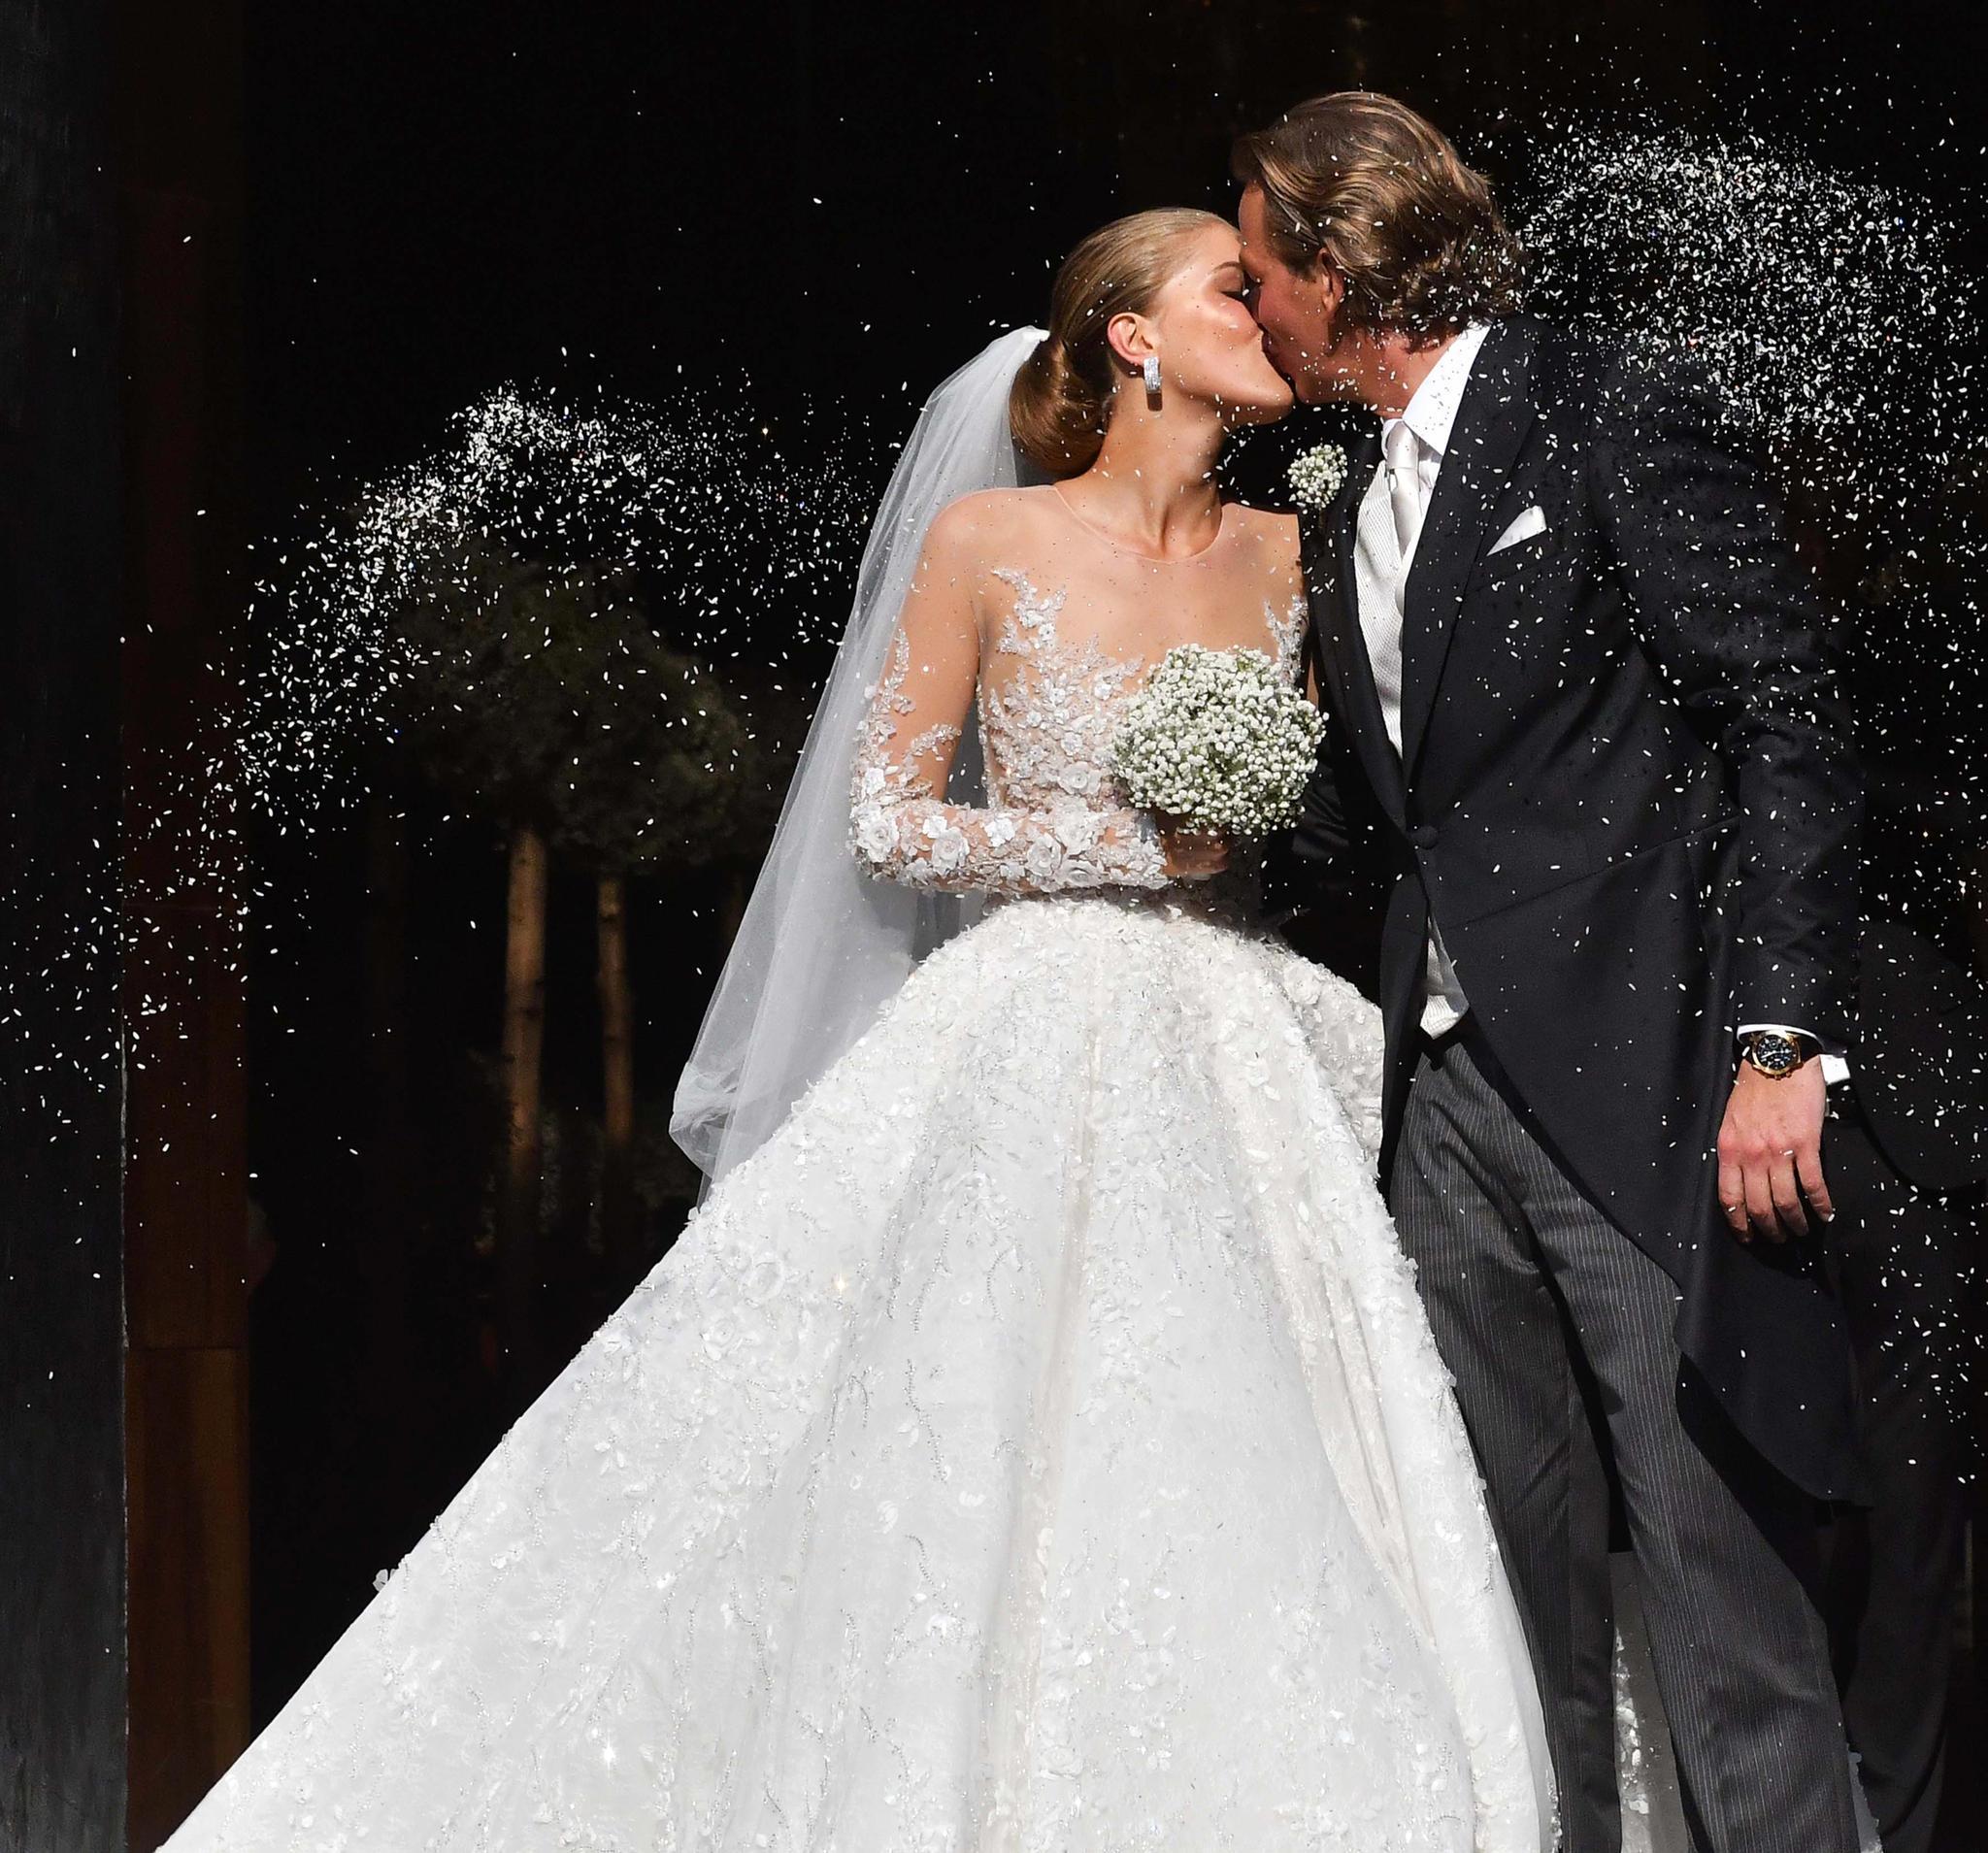 Der obere Teil des Brautkleides ist transparent und mit filigraner Spitze und Steinen besetzt.